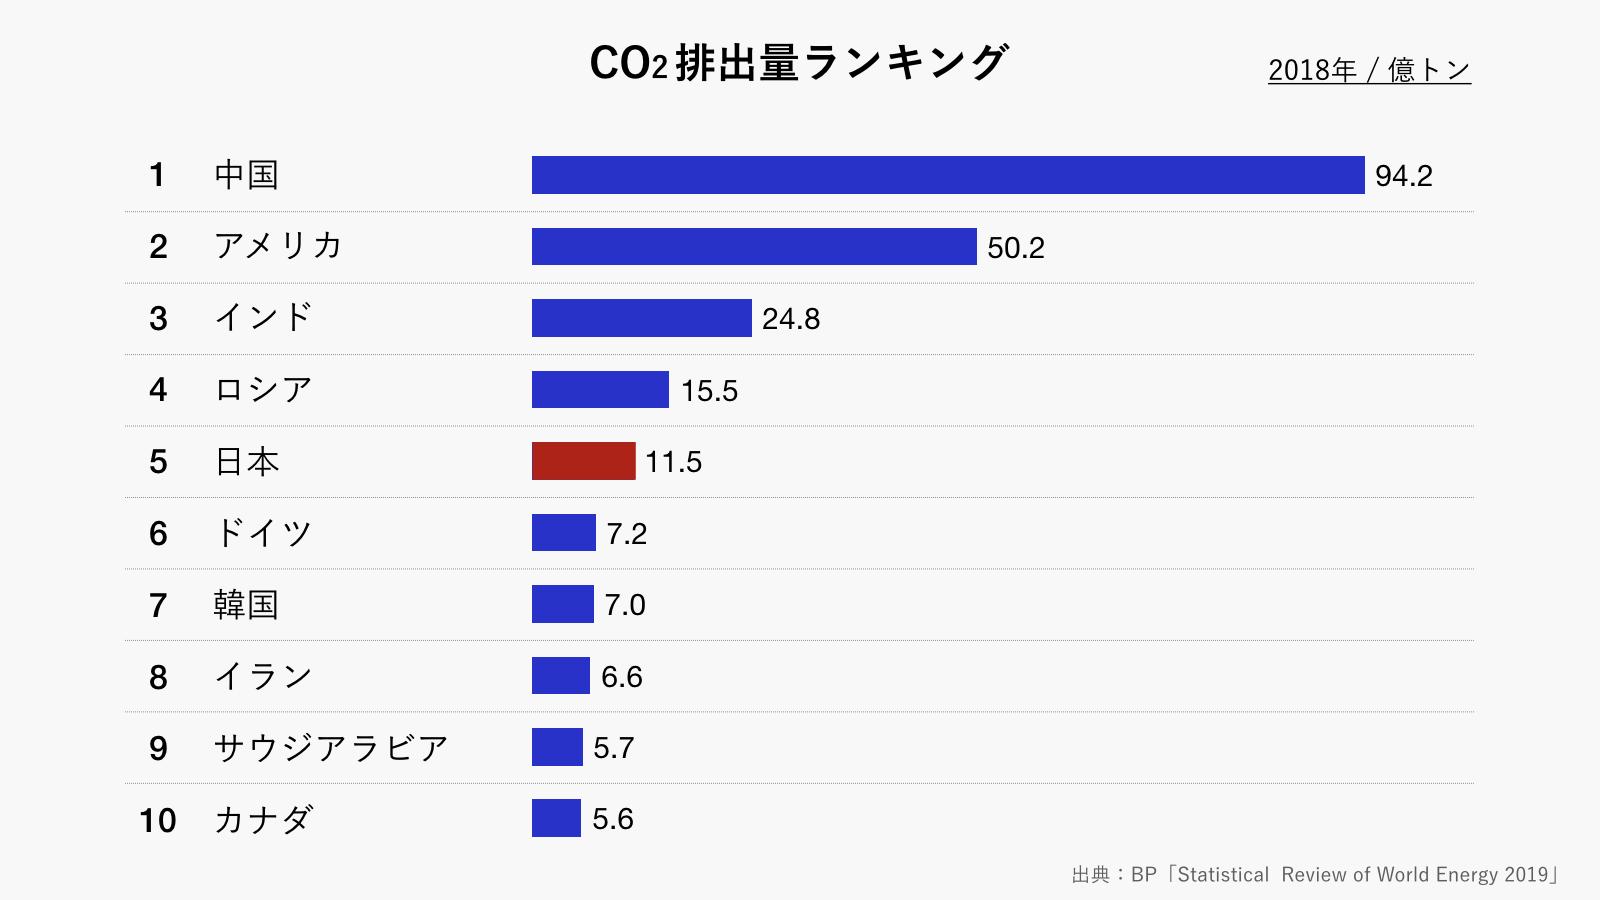 世界のCO2(二酸化炭素)排出量ランキング(グレー)